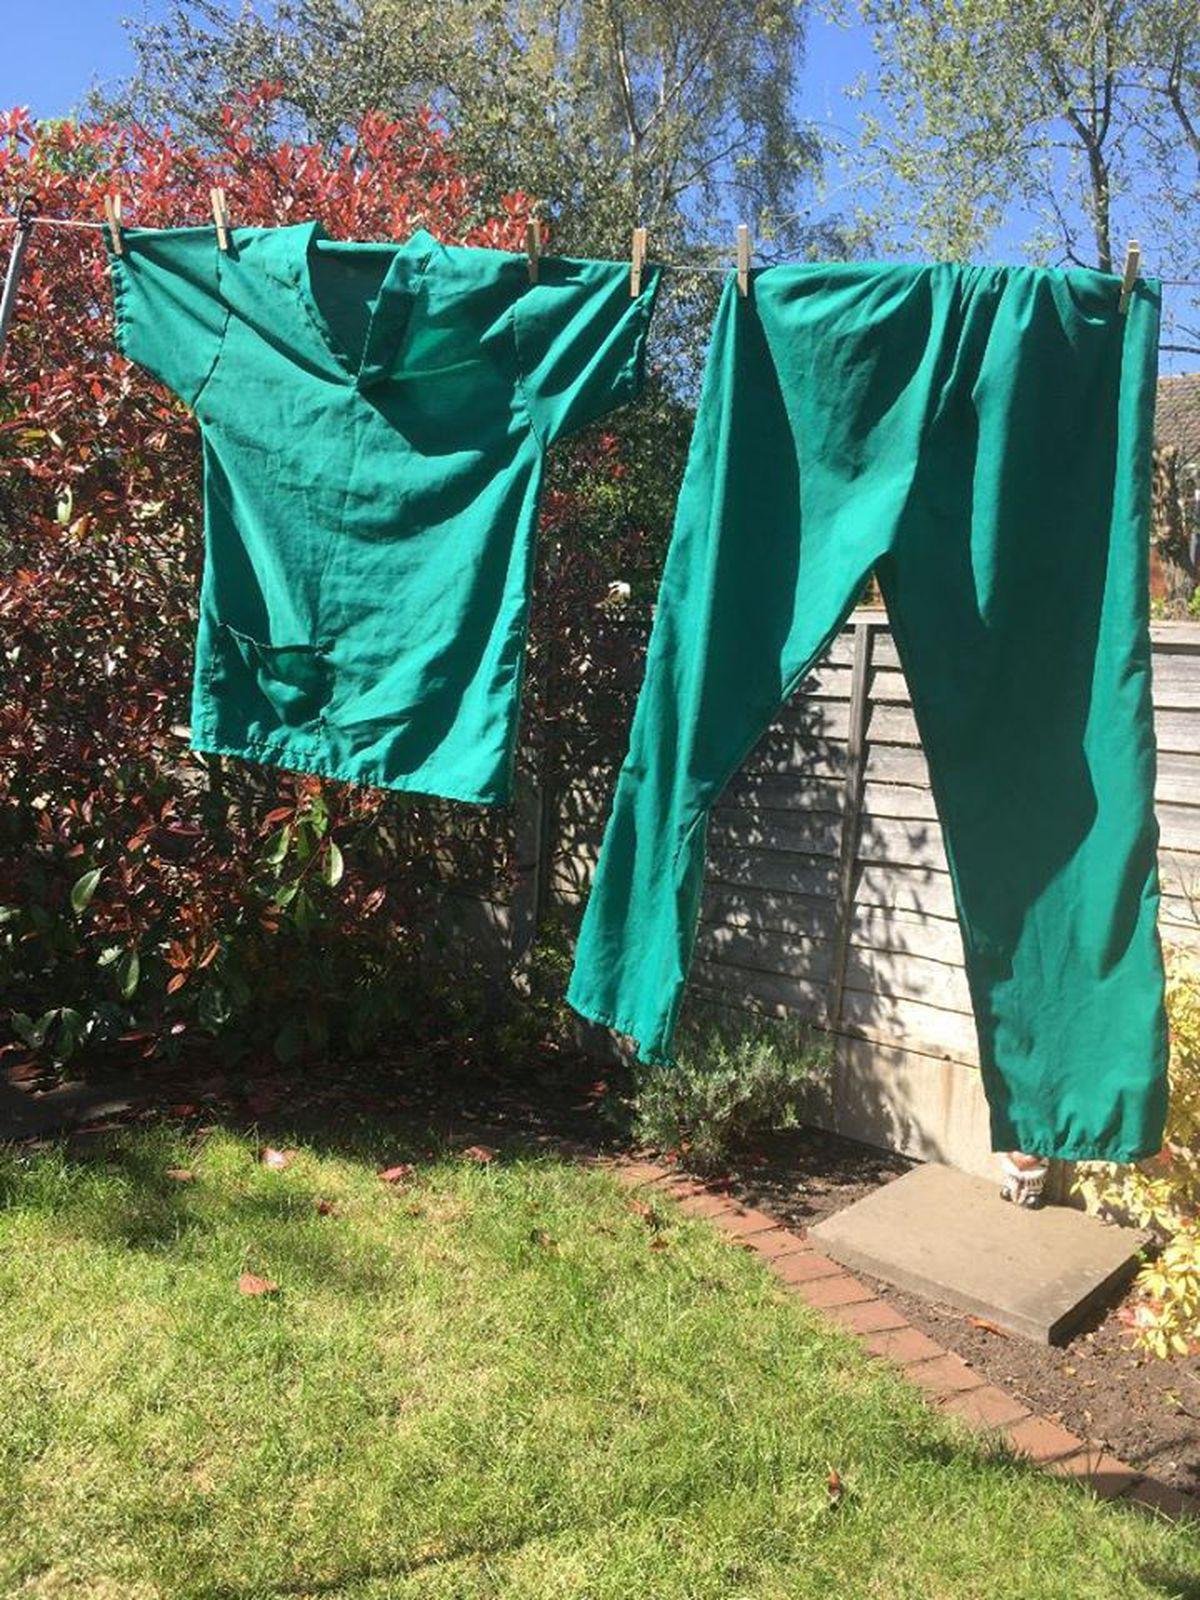 MG Sportswear in Kidderminster has swapped making sports gear for scrubs